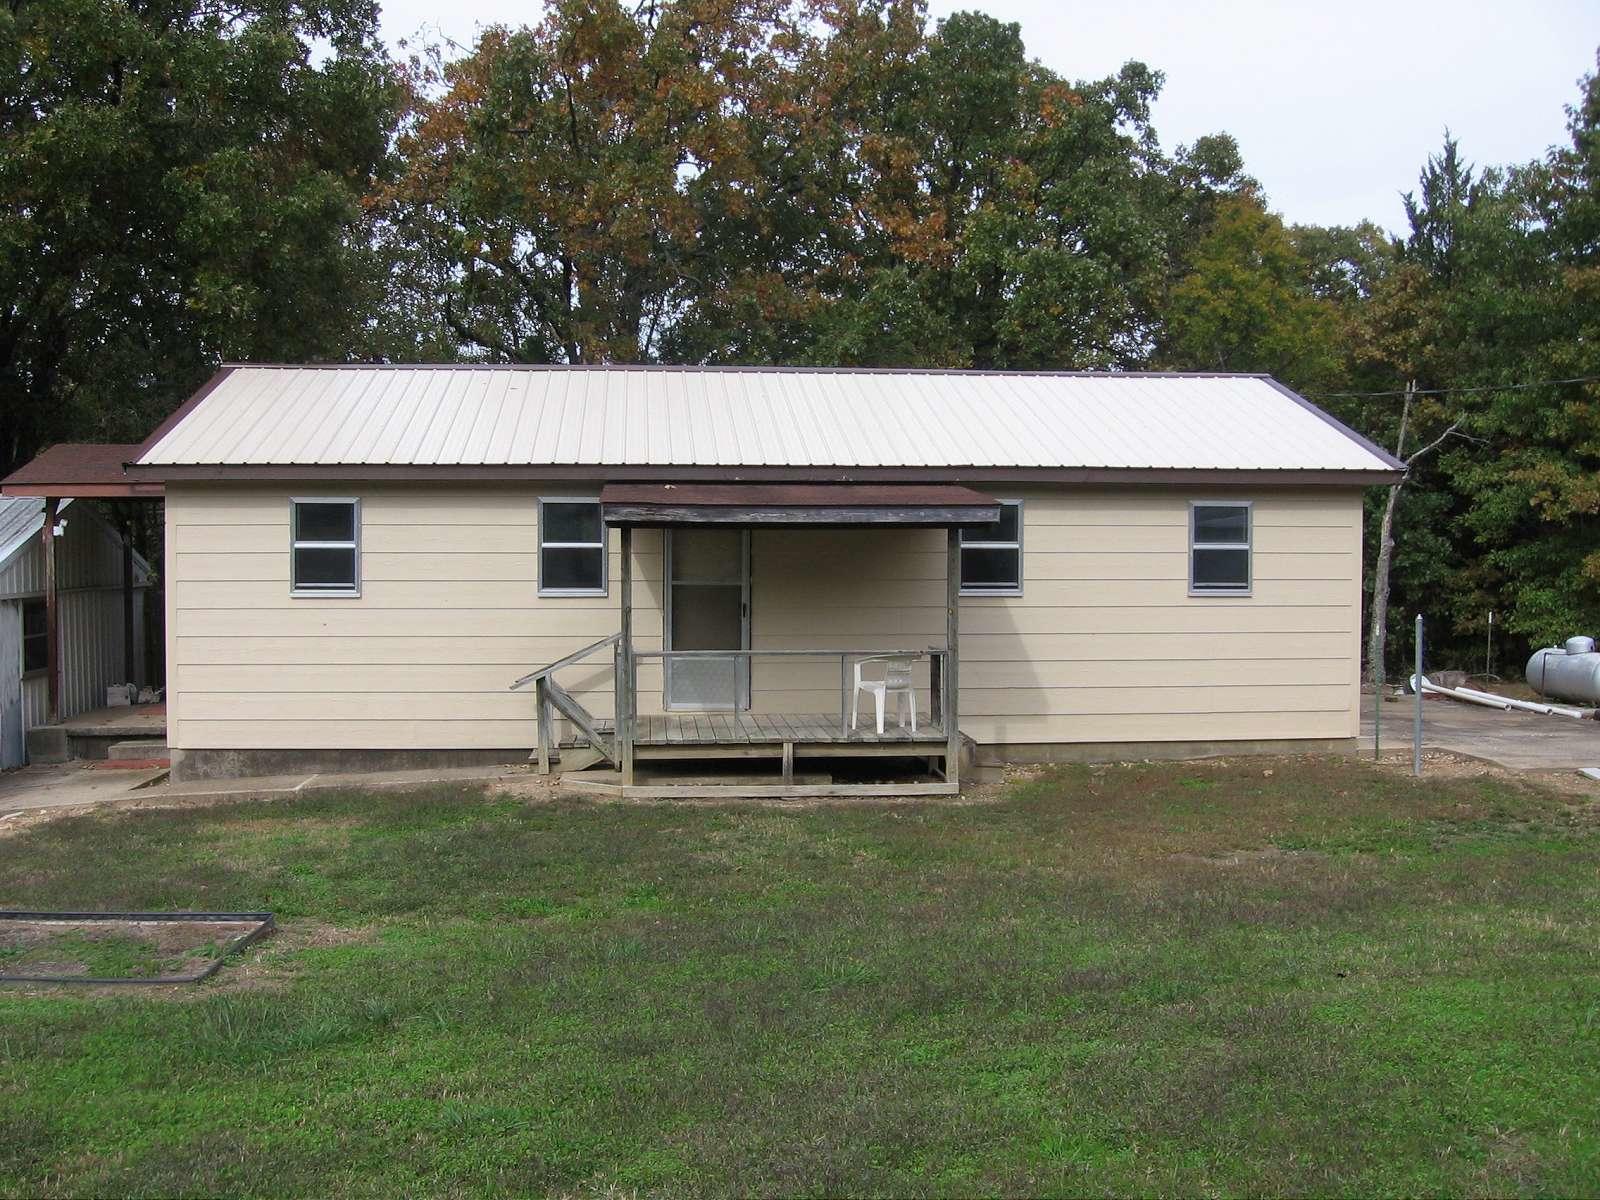 23944 Farm Road Shell Knob, MO 65747